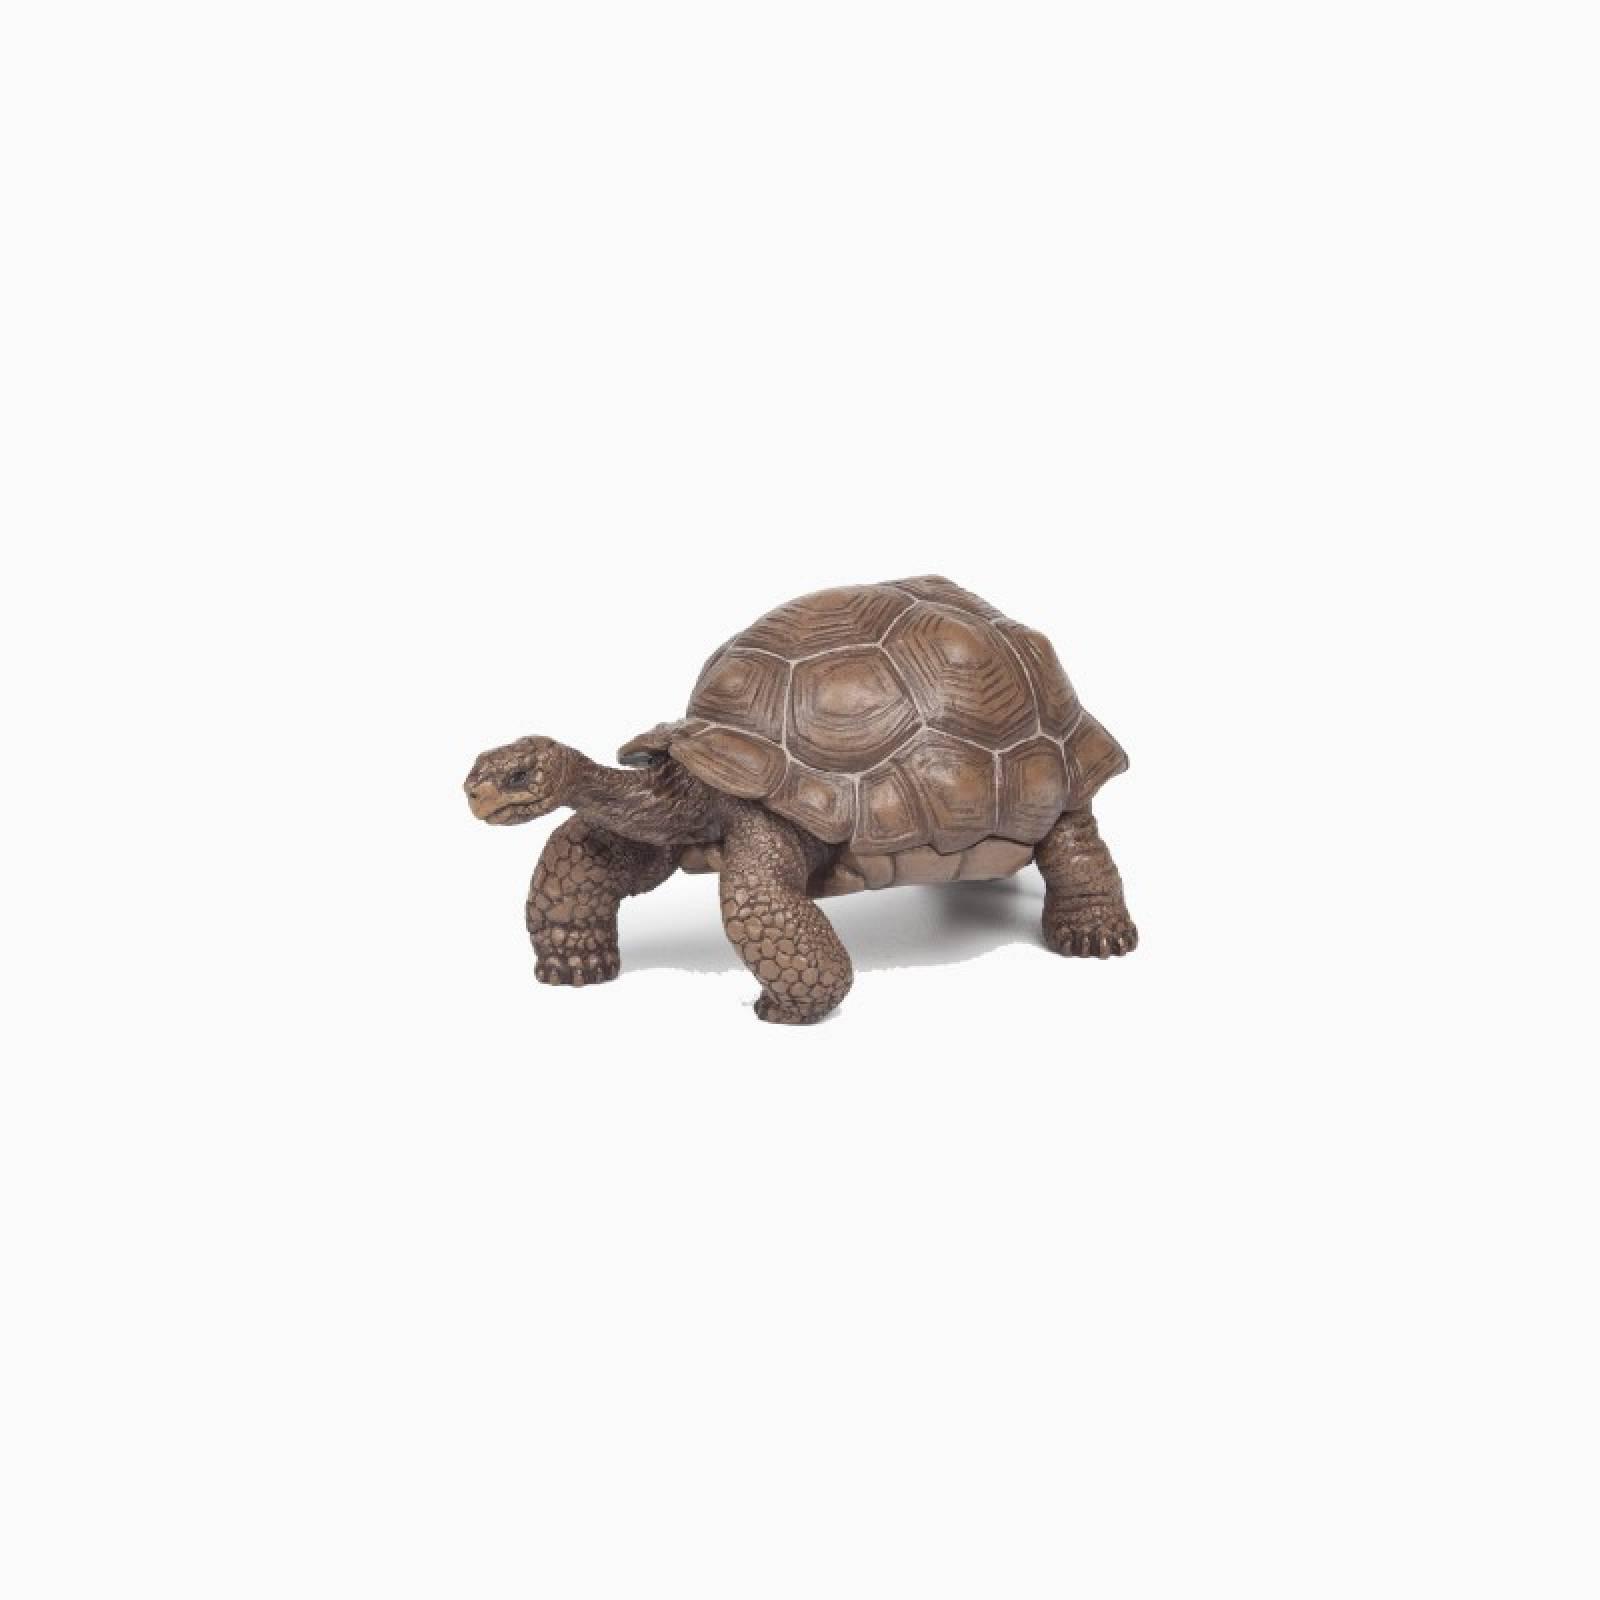 Galapagos Tortoise - Papo Wild Animal Figure